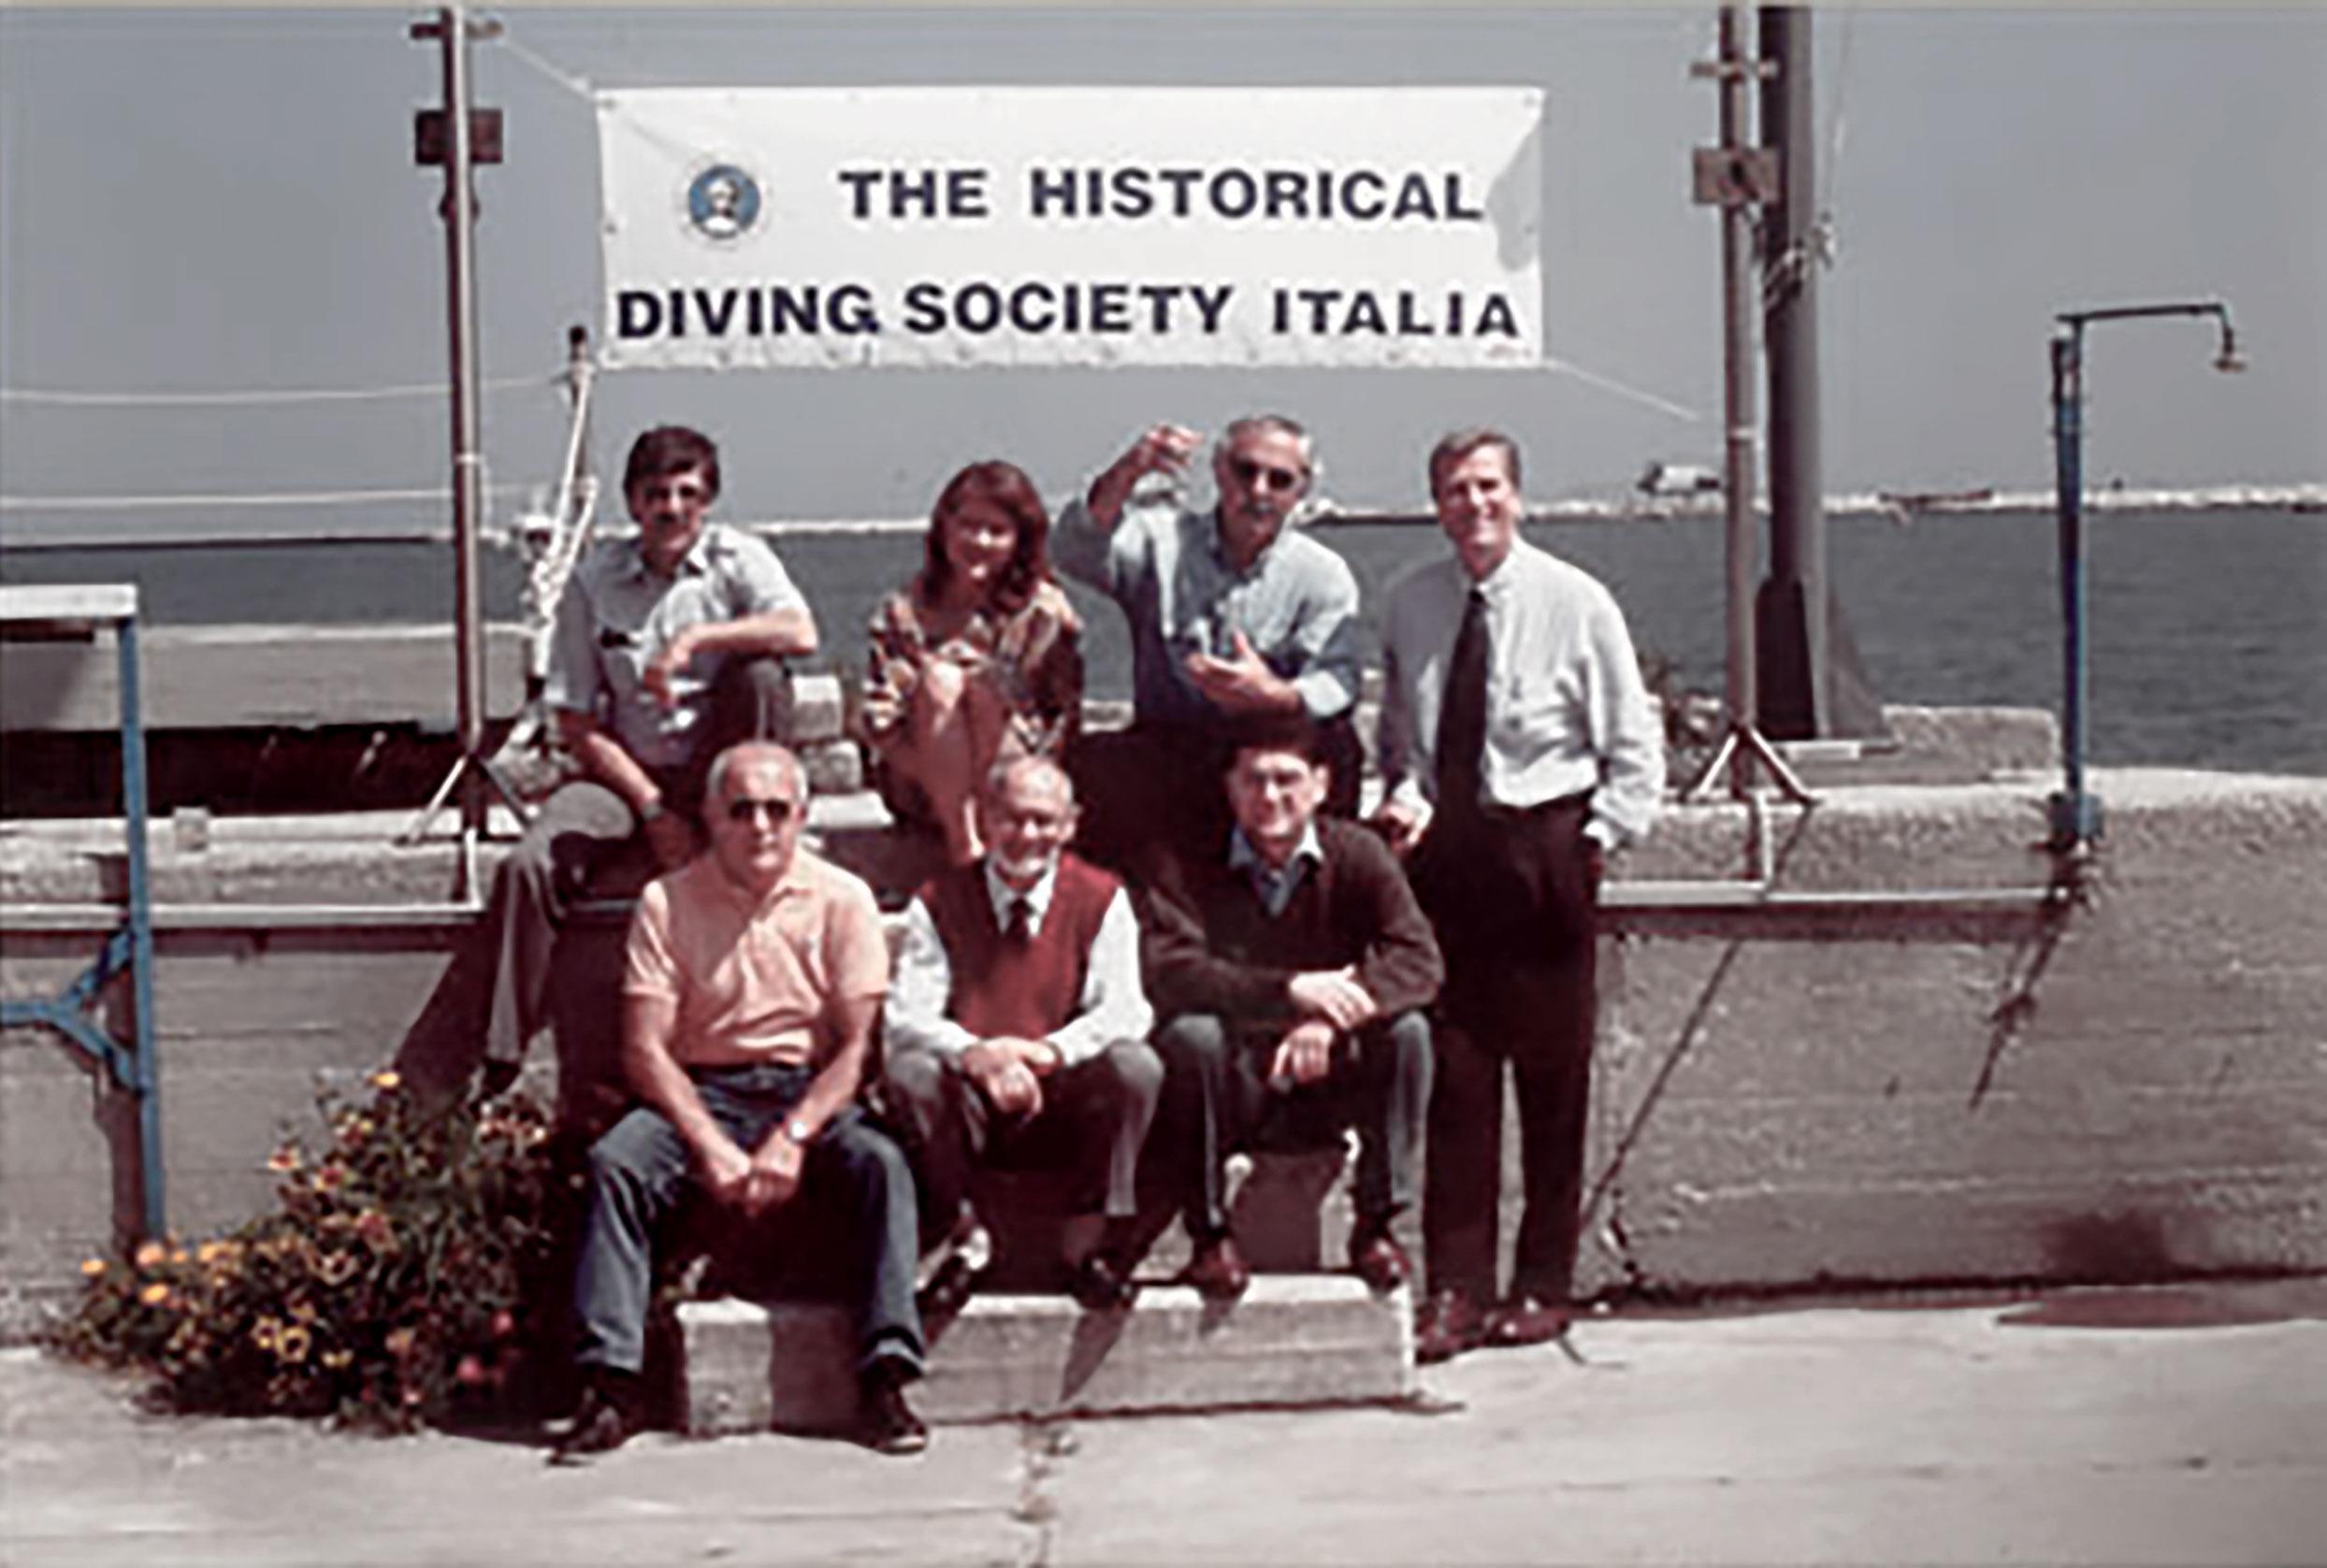 foto ricordo dei fondatori di HDS Italia